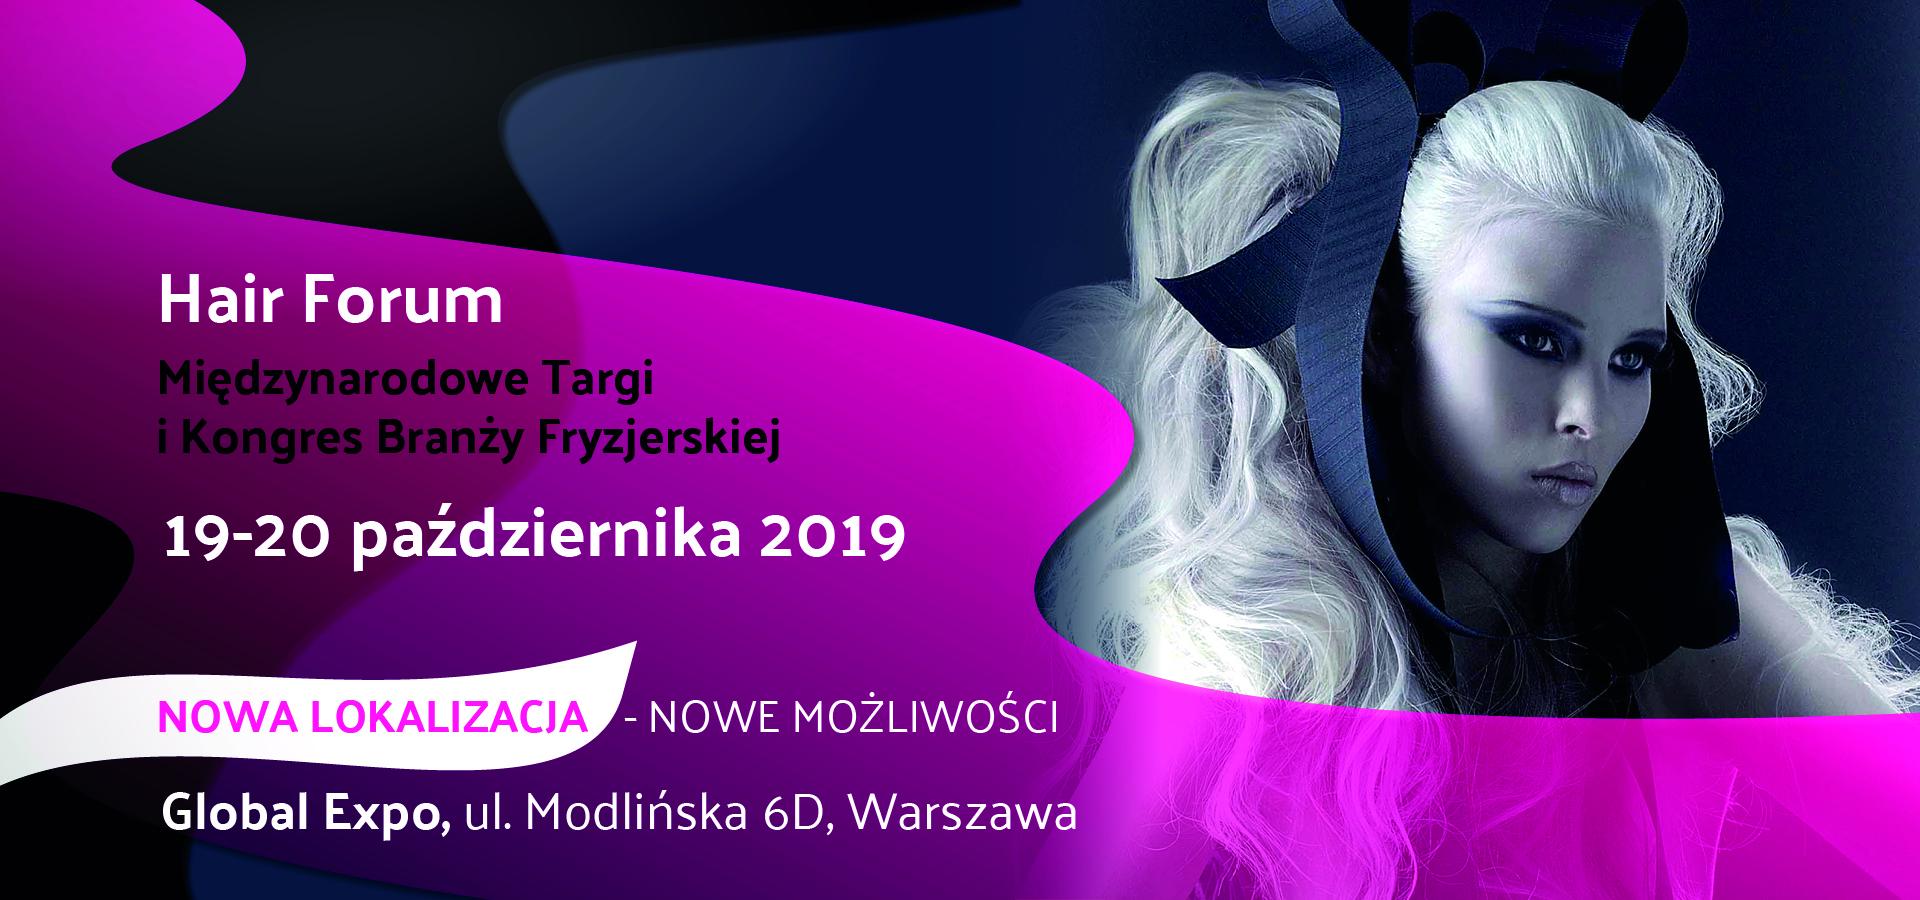 Targi Hair Forum 19-20.10.2019